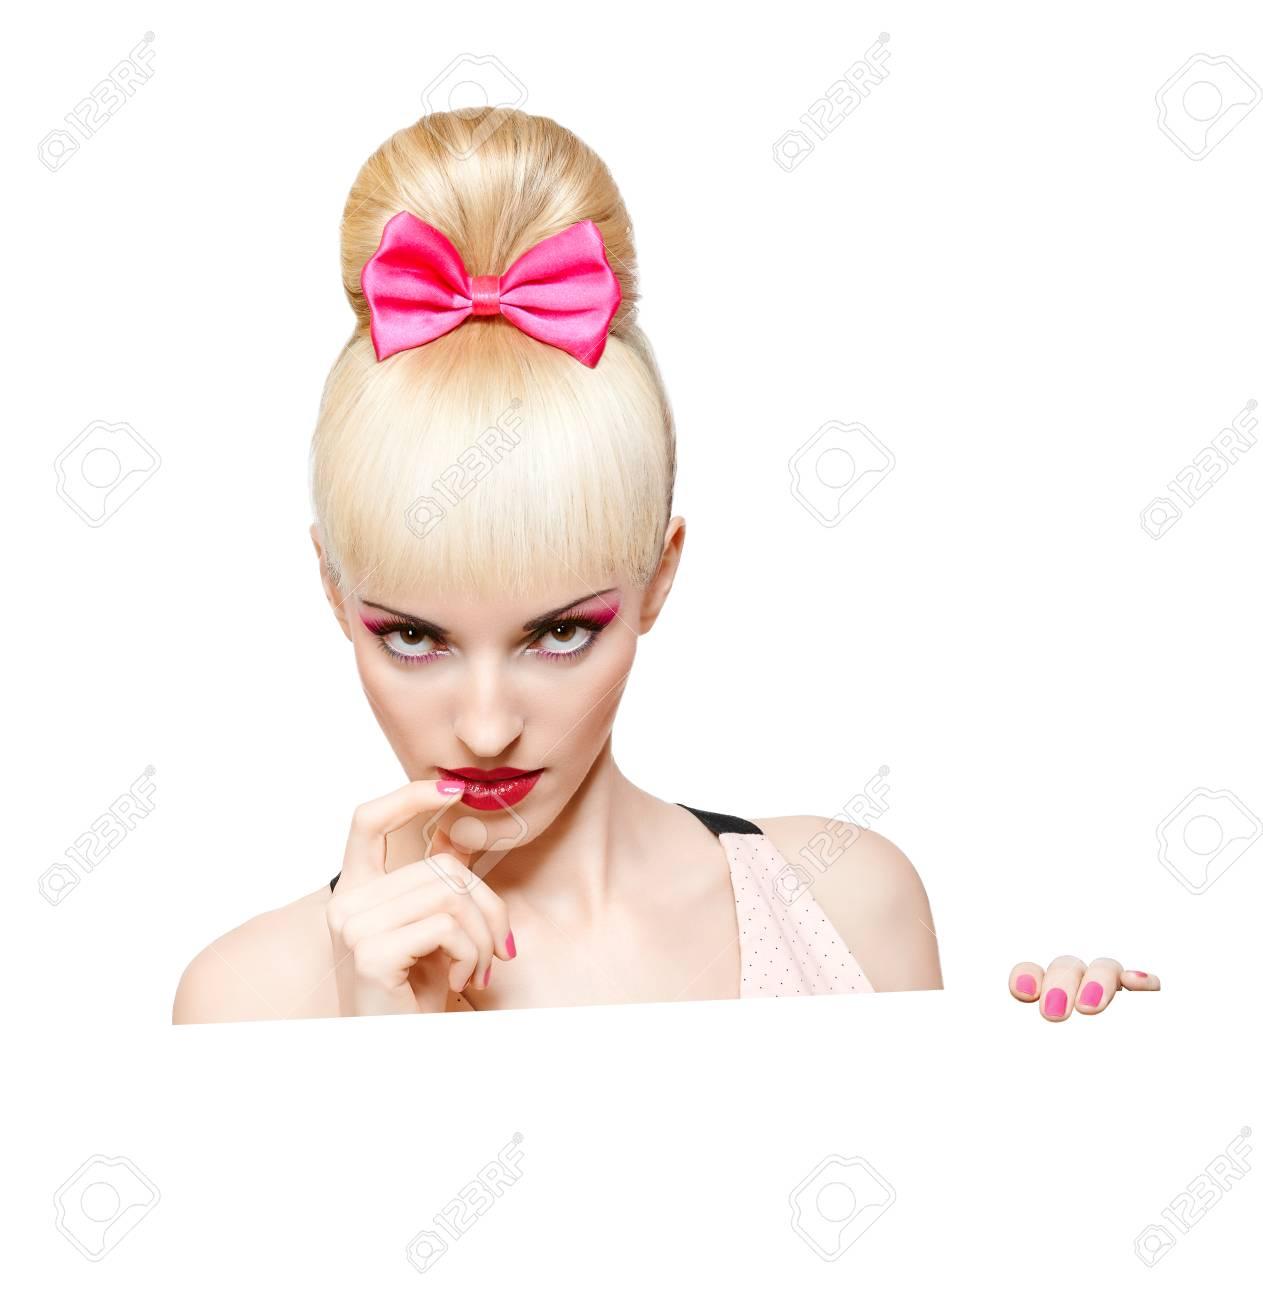 Bezauberndes Madchen Spahen Pin Up Frisur Billboard Isoliert Auf